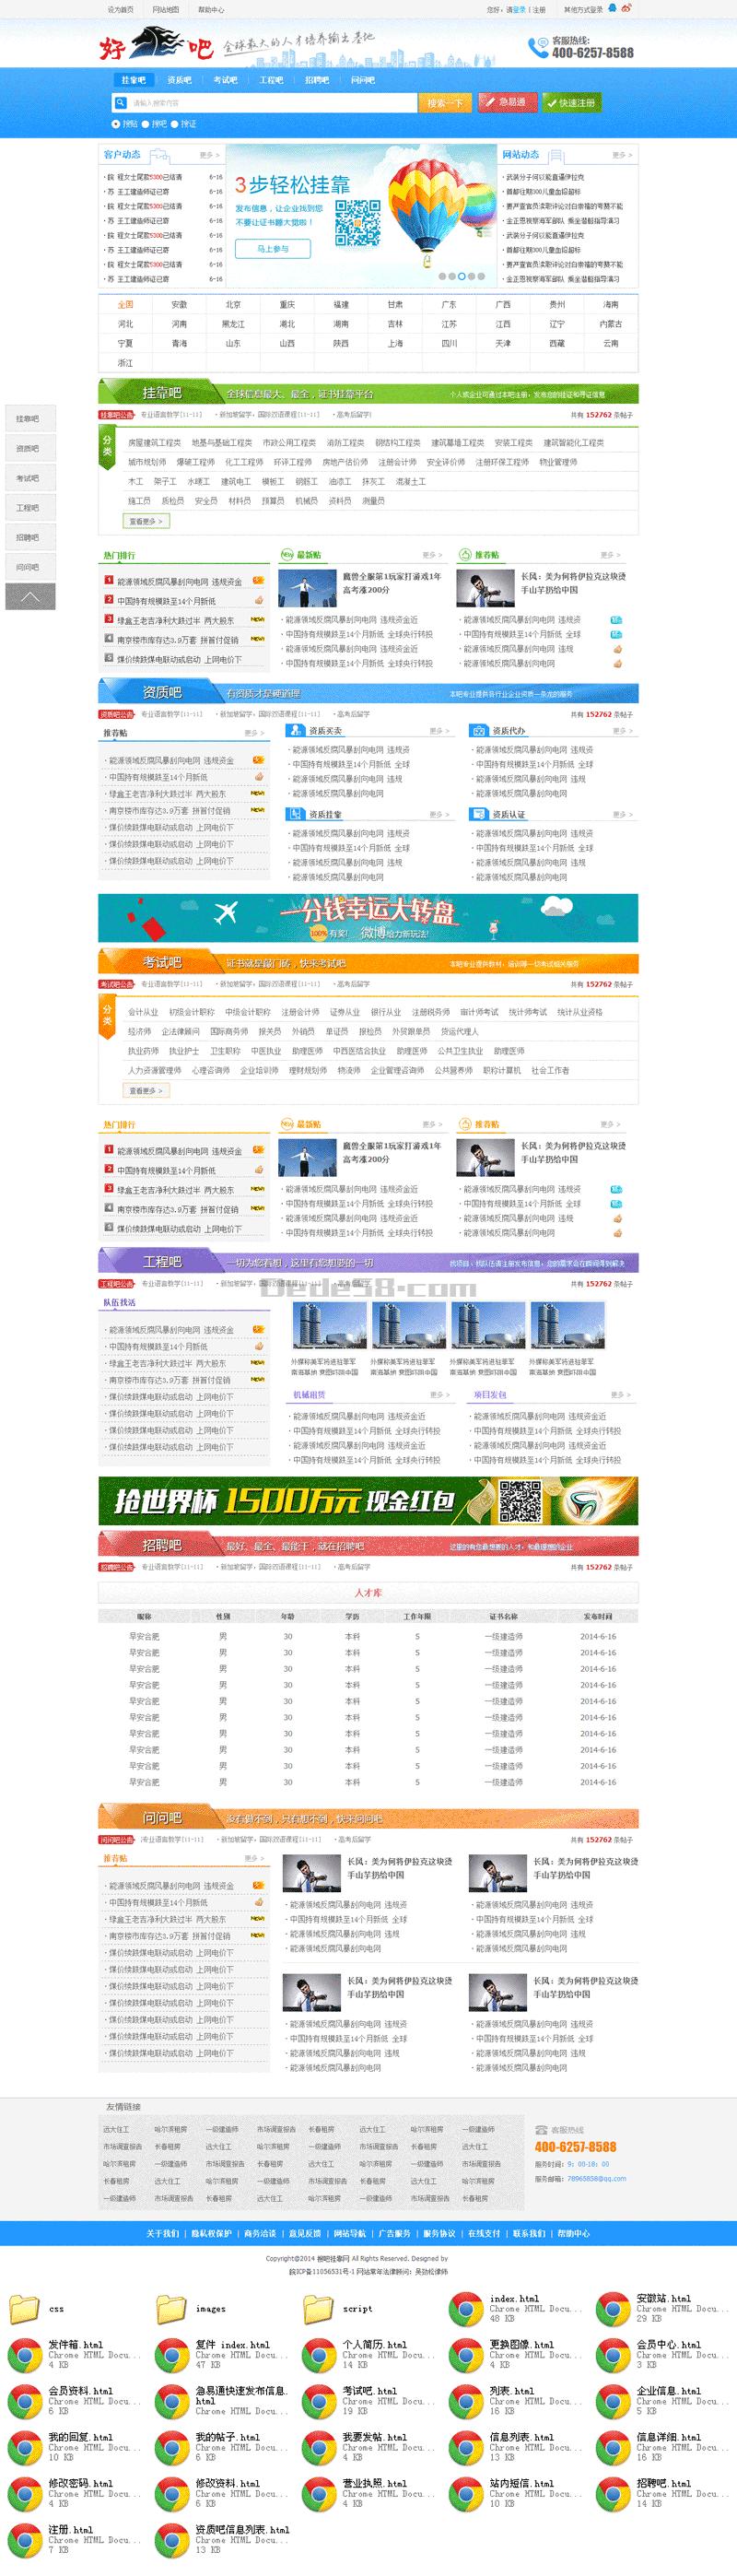 企业挂靠平台门户网站模板html整站